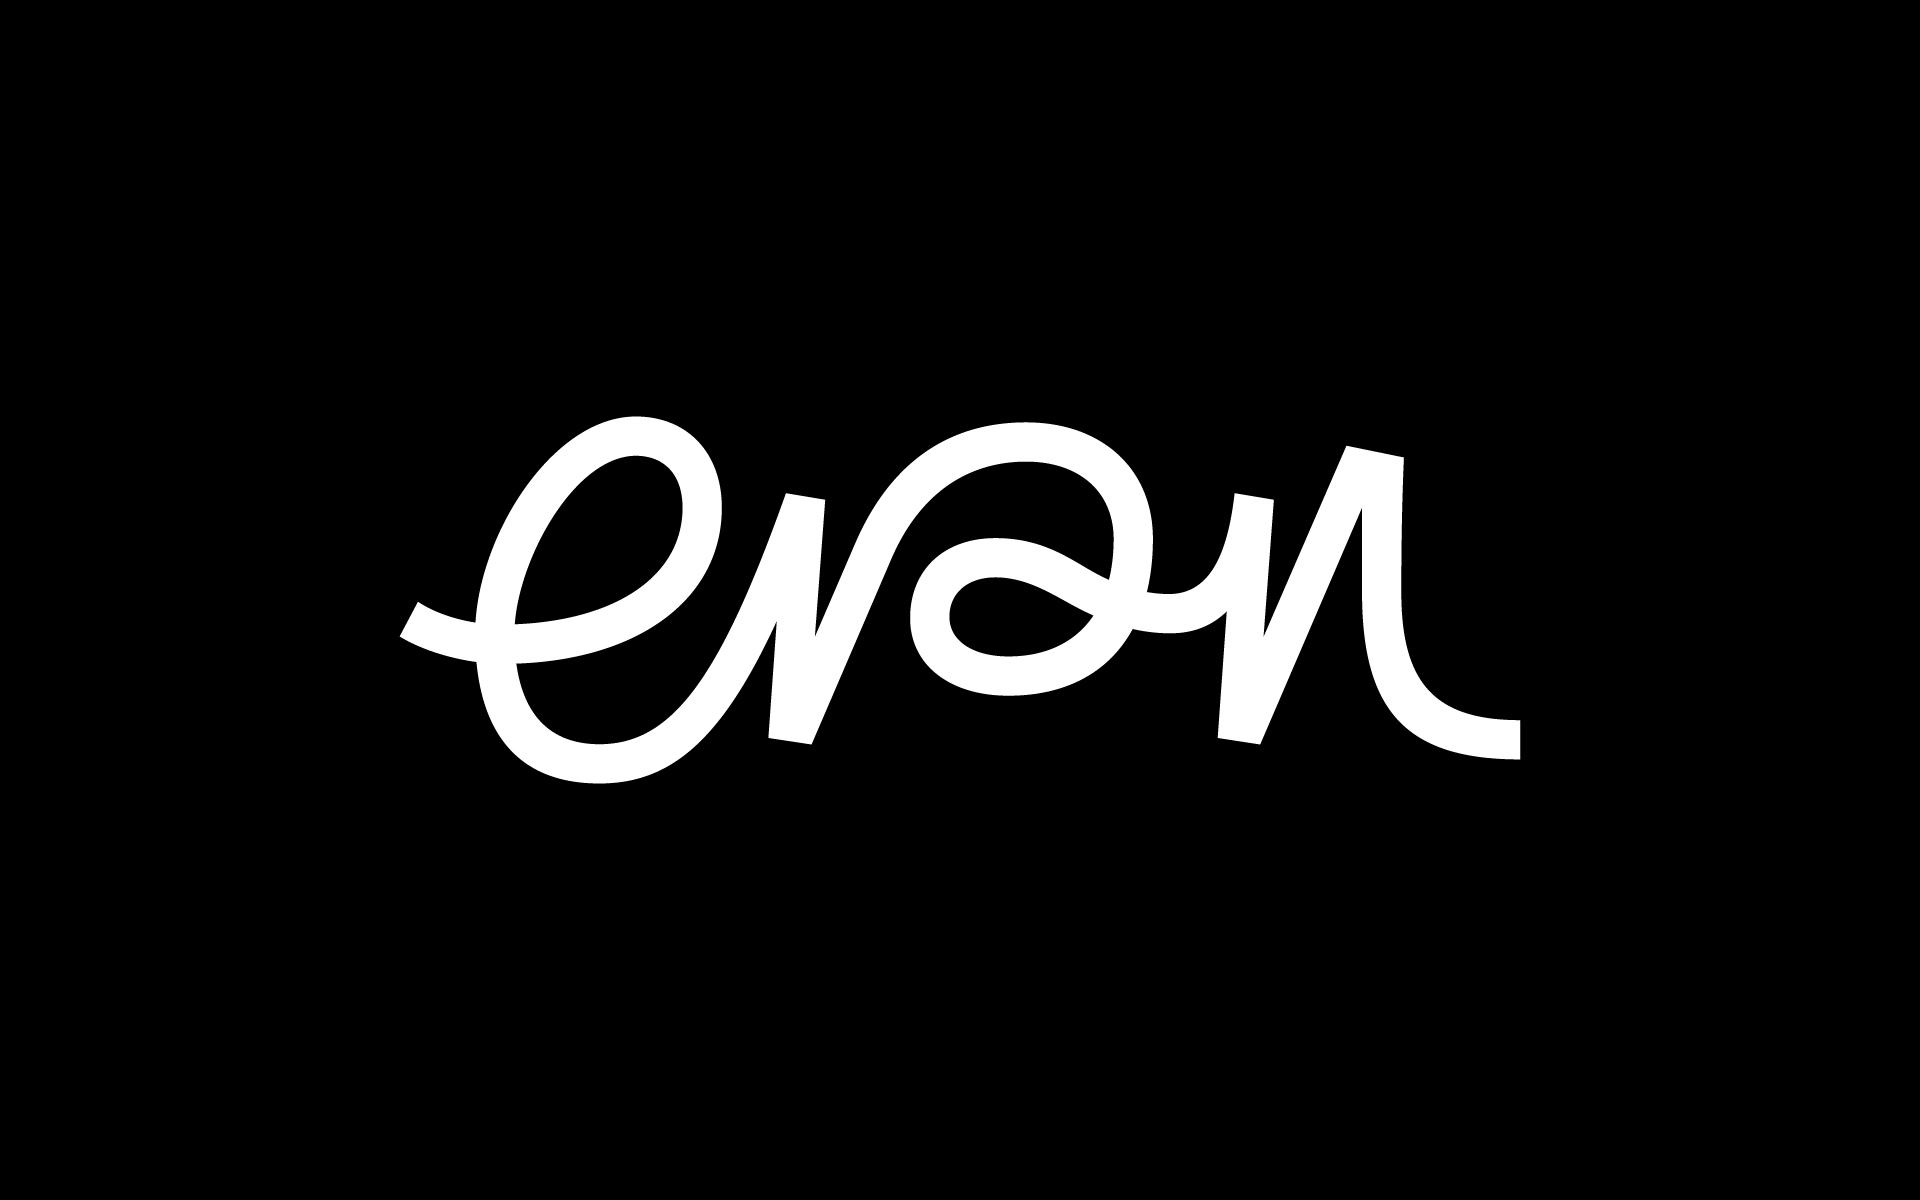 Logo-and-Brandmark-Designs-13.jpg